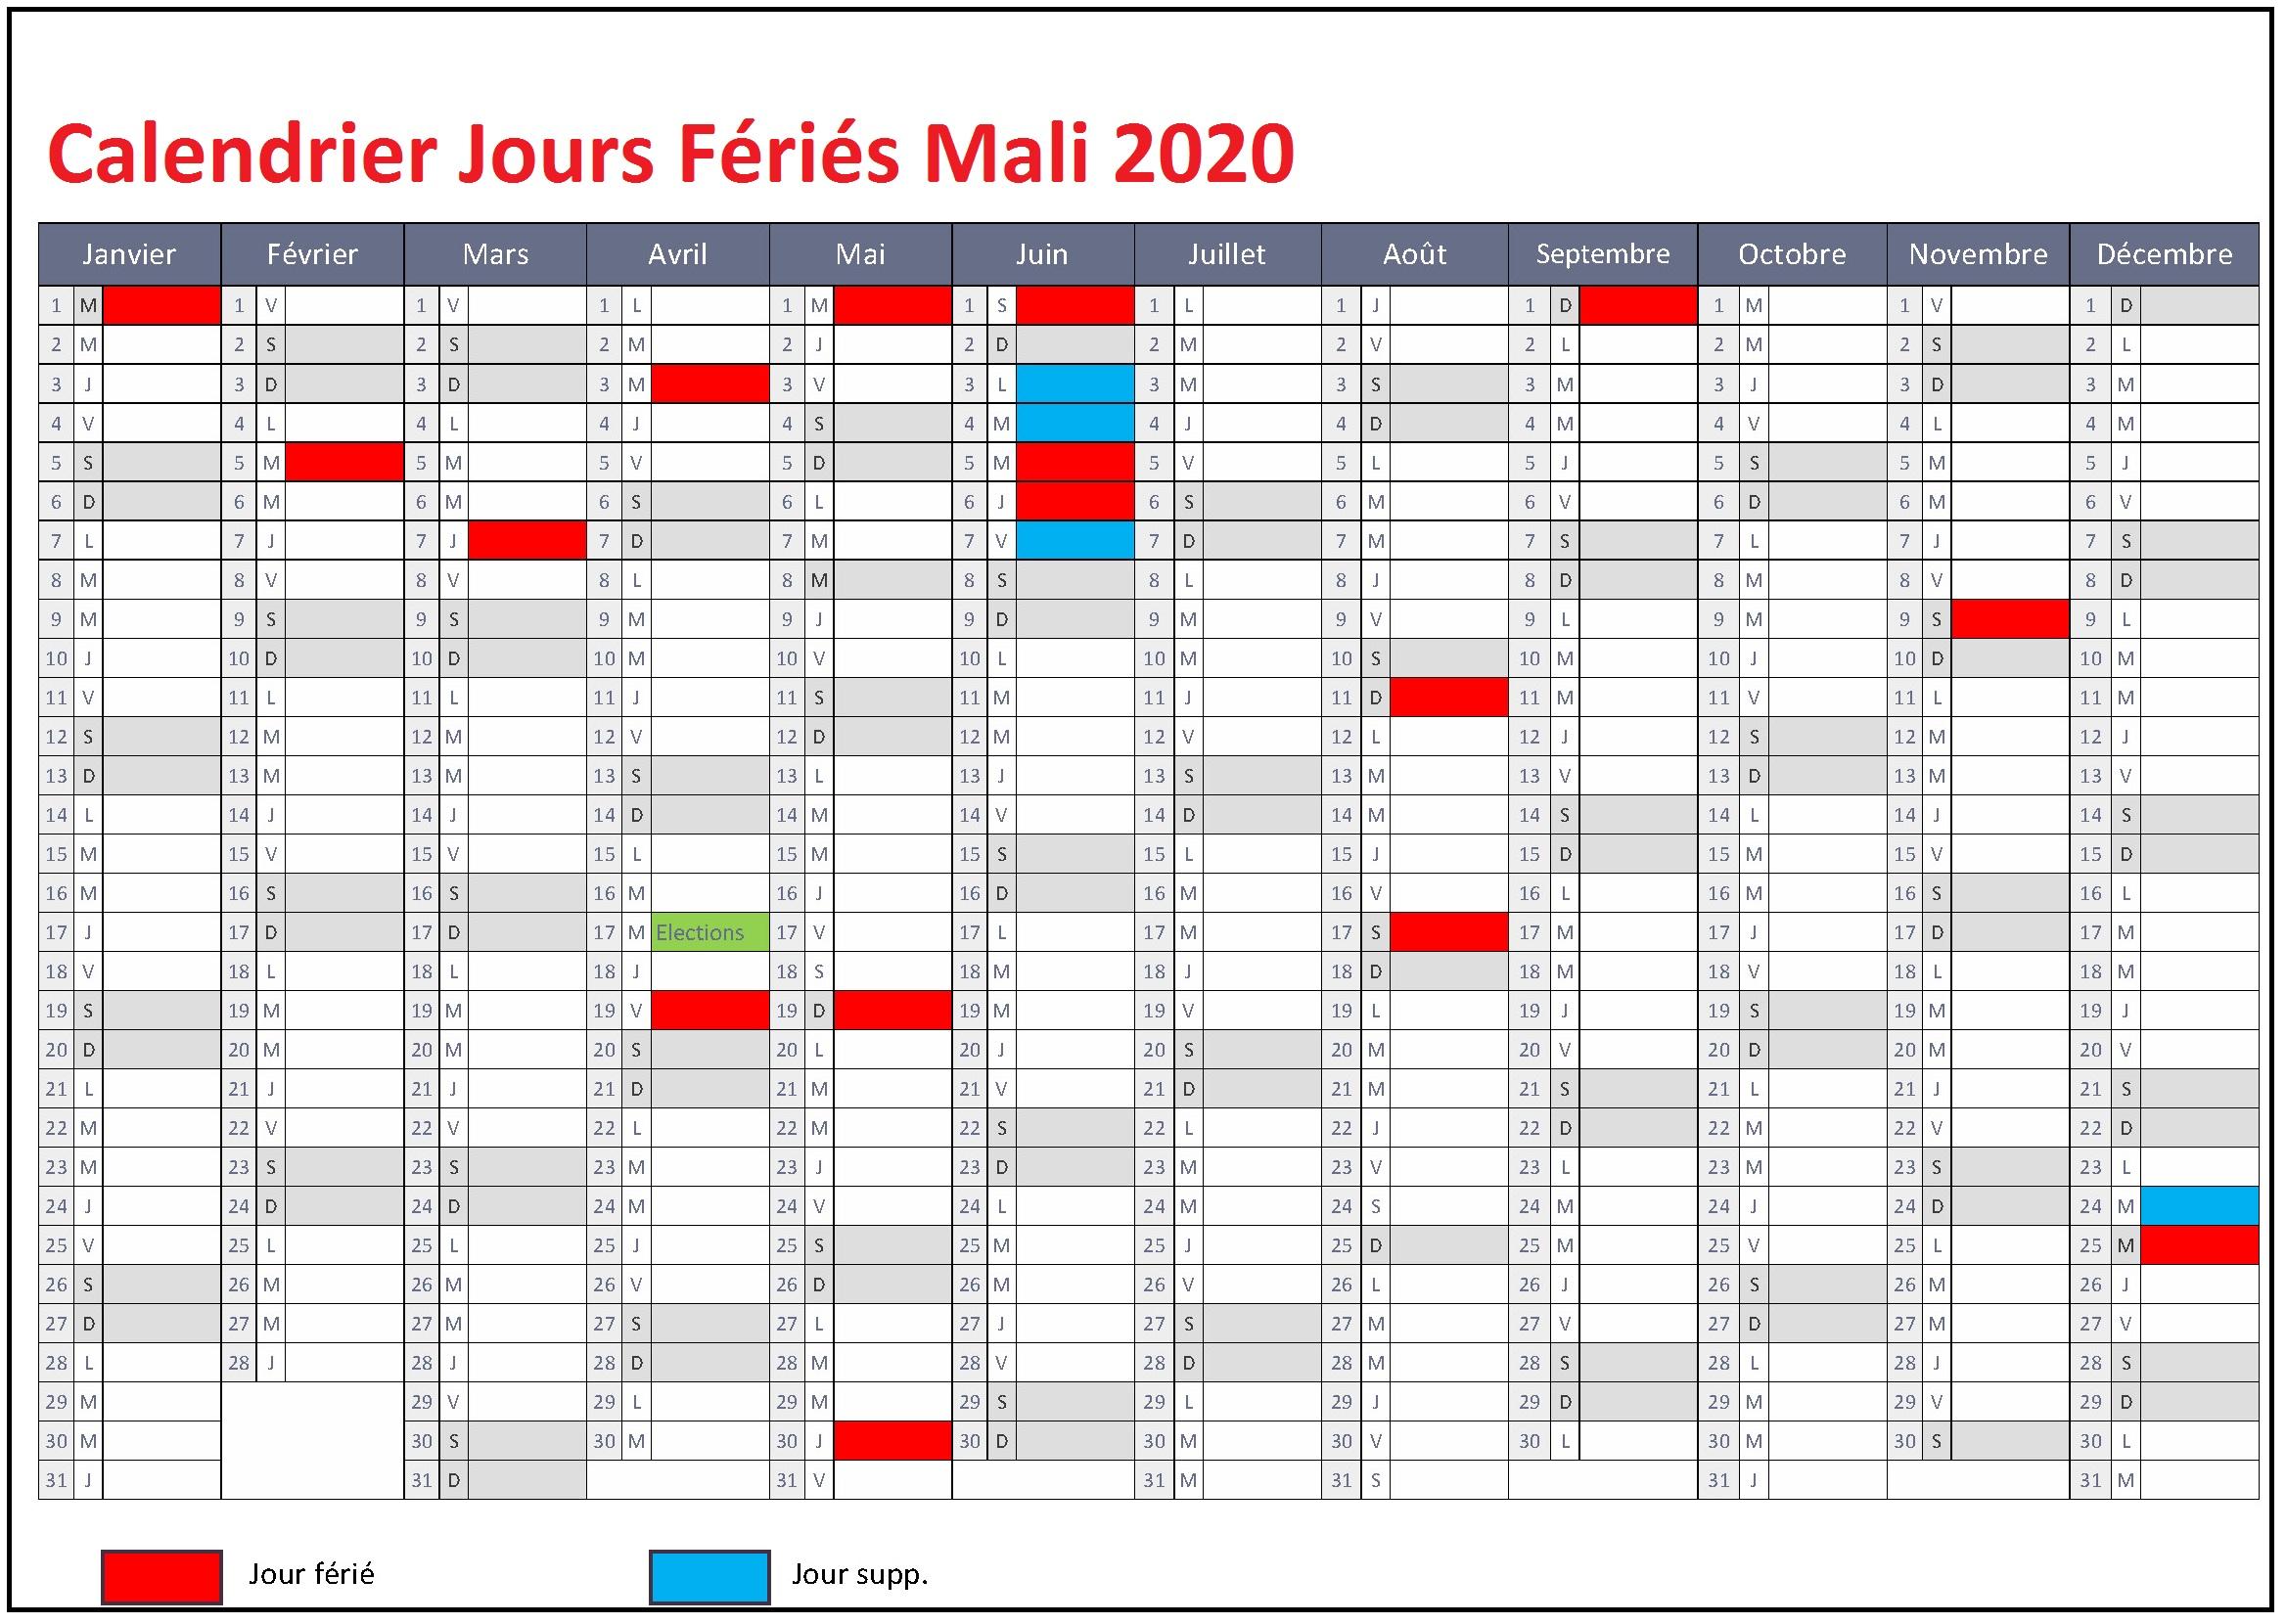 Jours Fériés Mali 2020 Excel